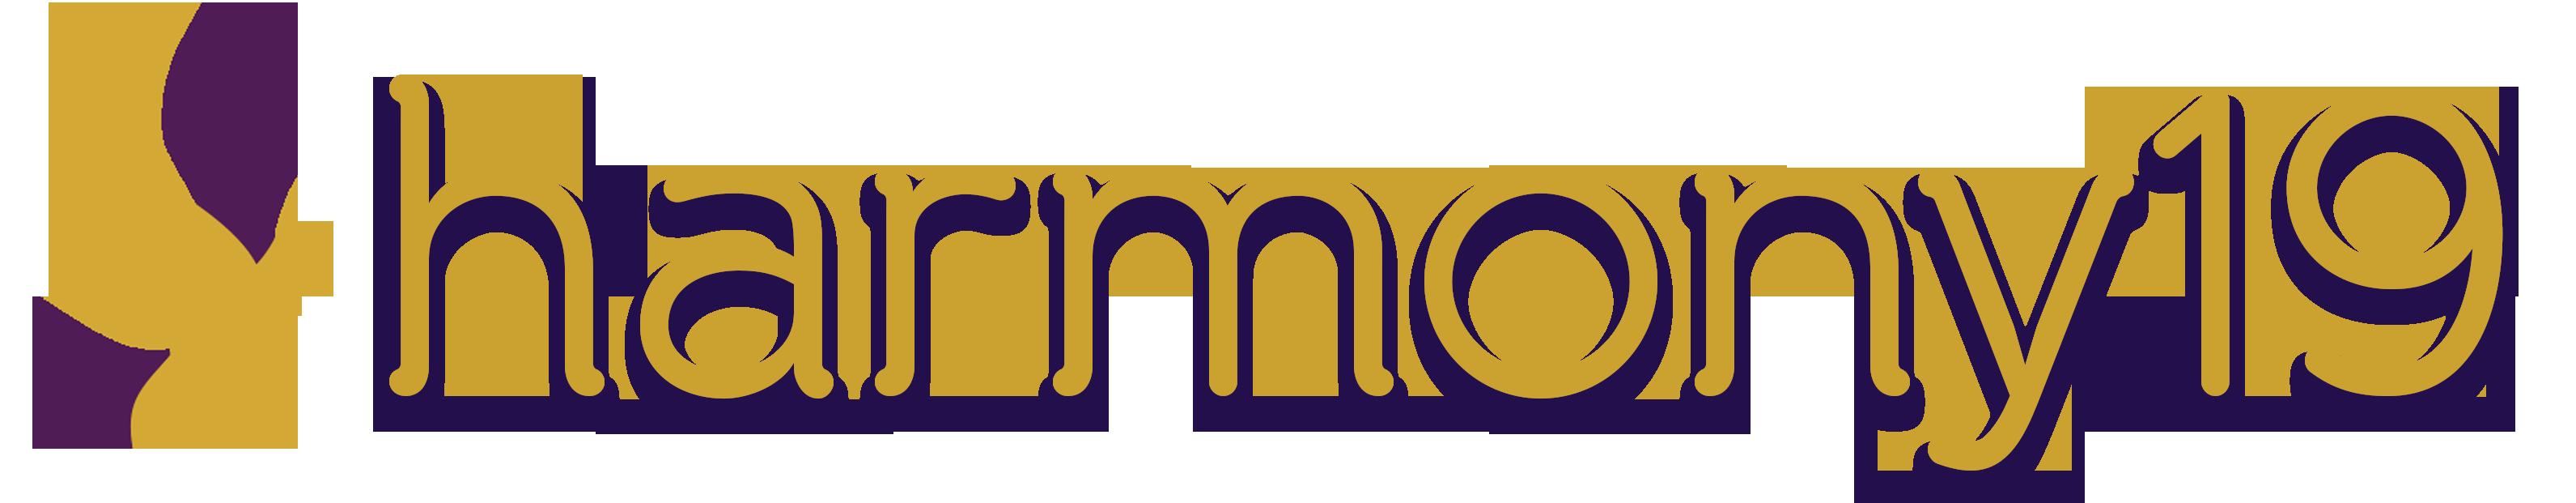 harmony19_logo-1